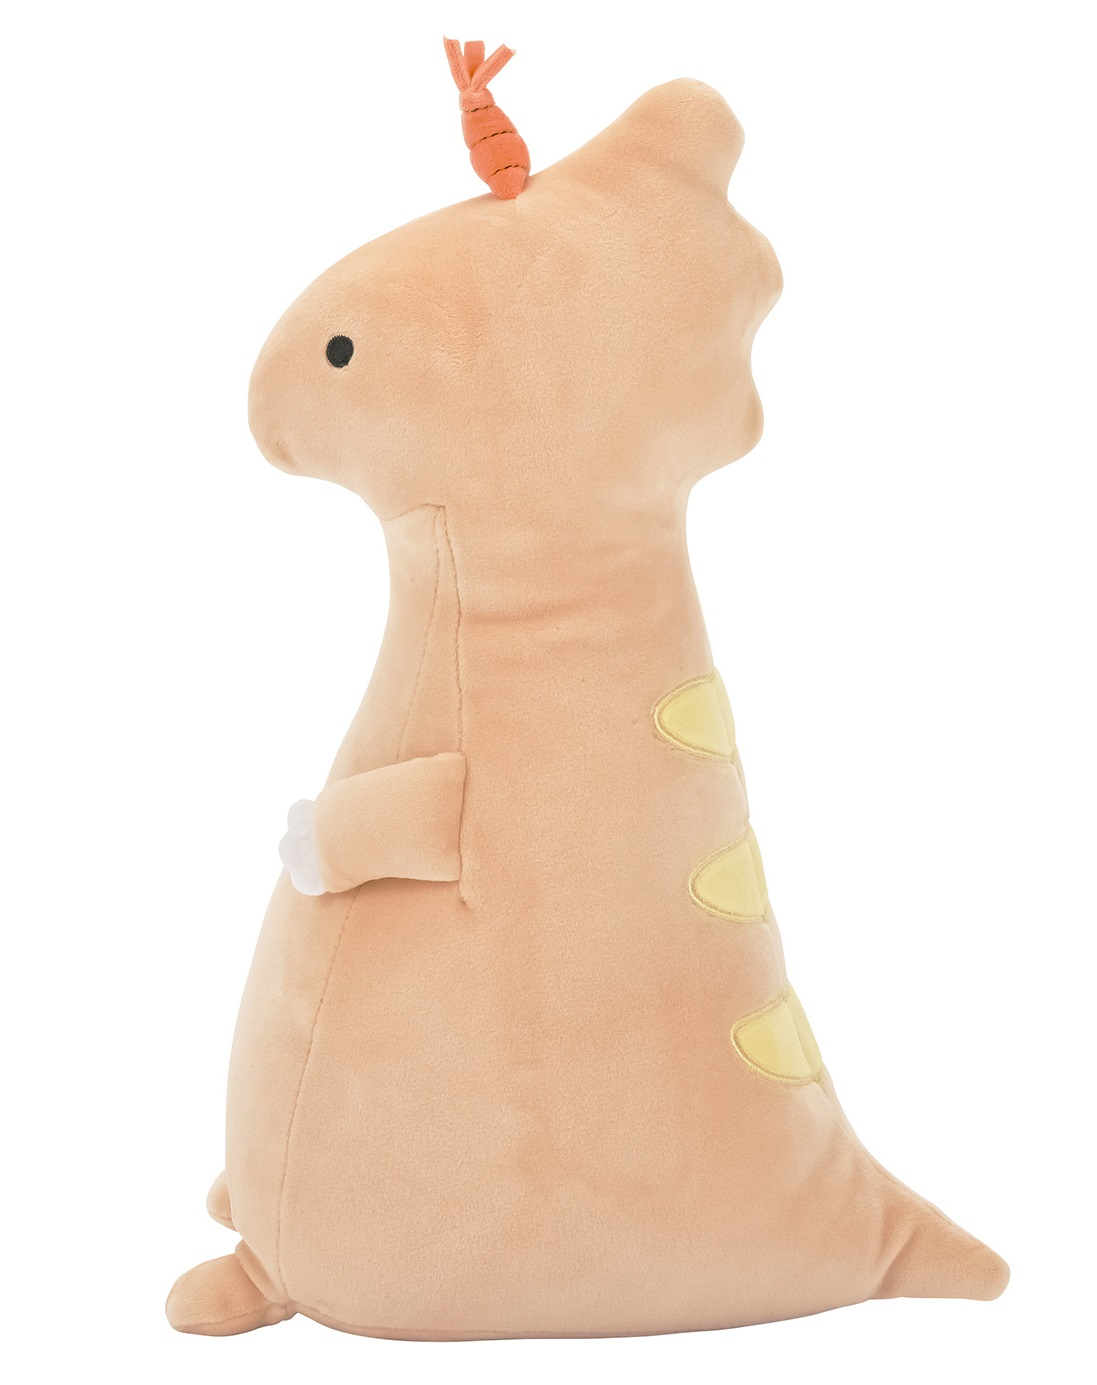 ルーミーズパーティー ミニクッション(恐竜)